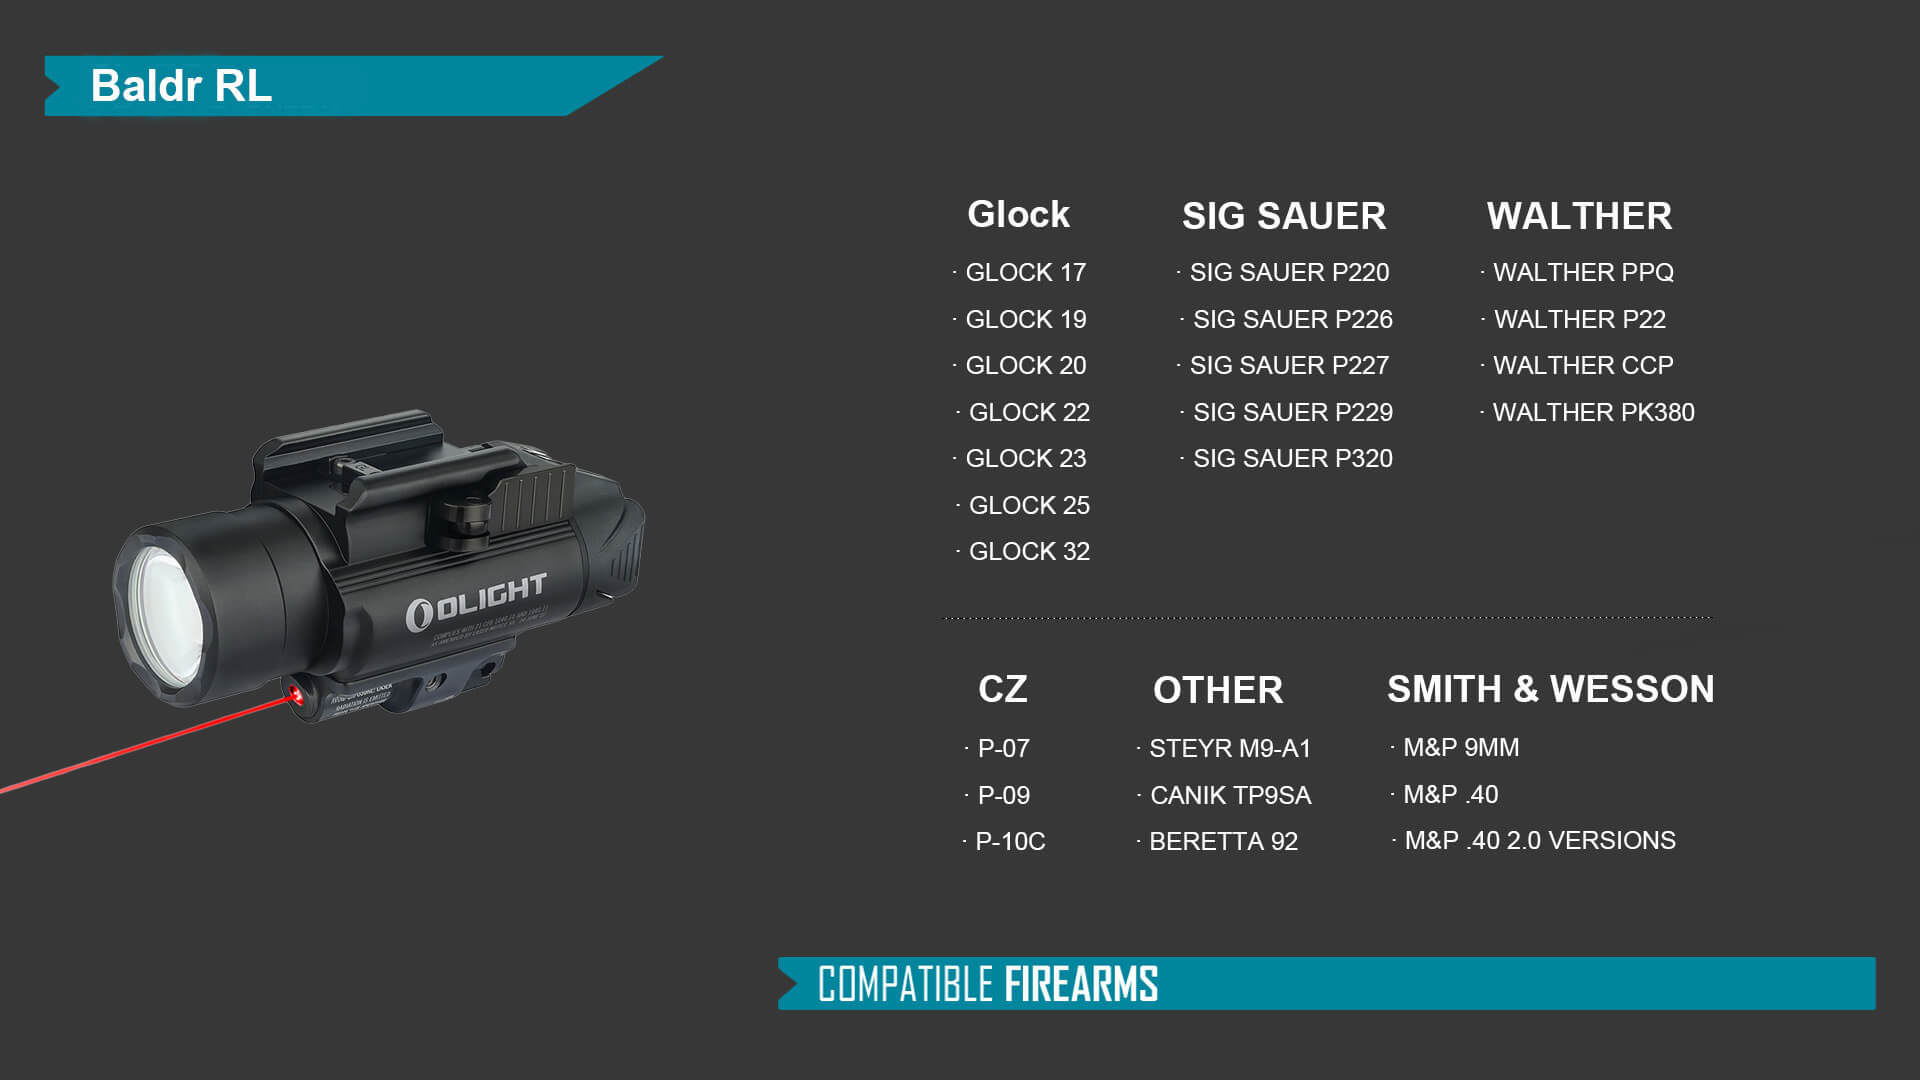 Die Baldr RL ist der Wegbereiter für kompakte Waffenlampen.